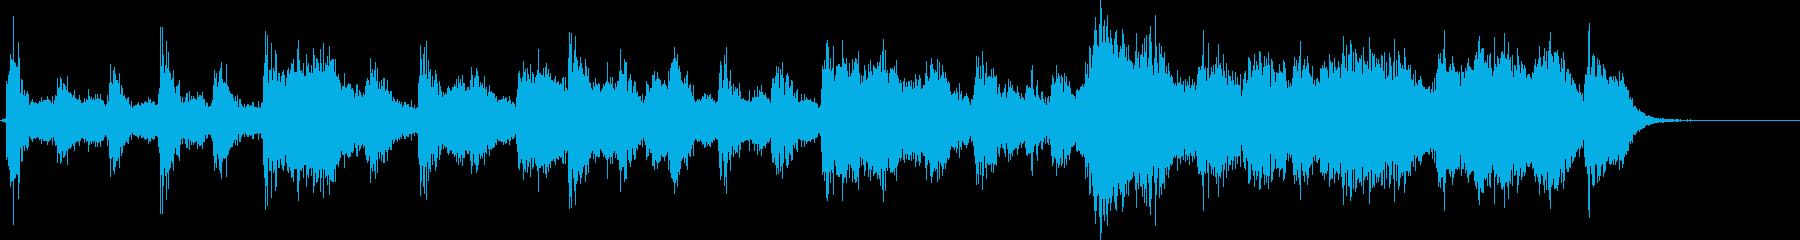 恐怖の空間音楽の再生済みの波形